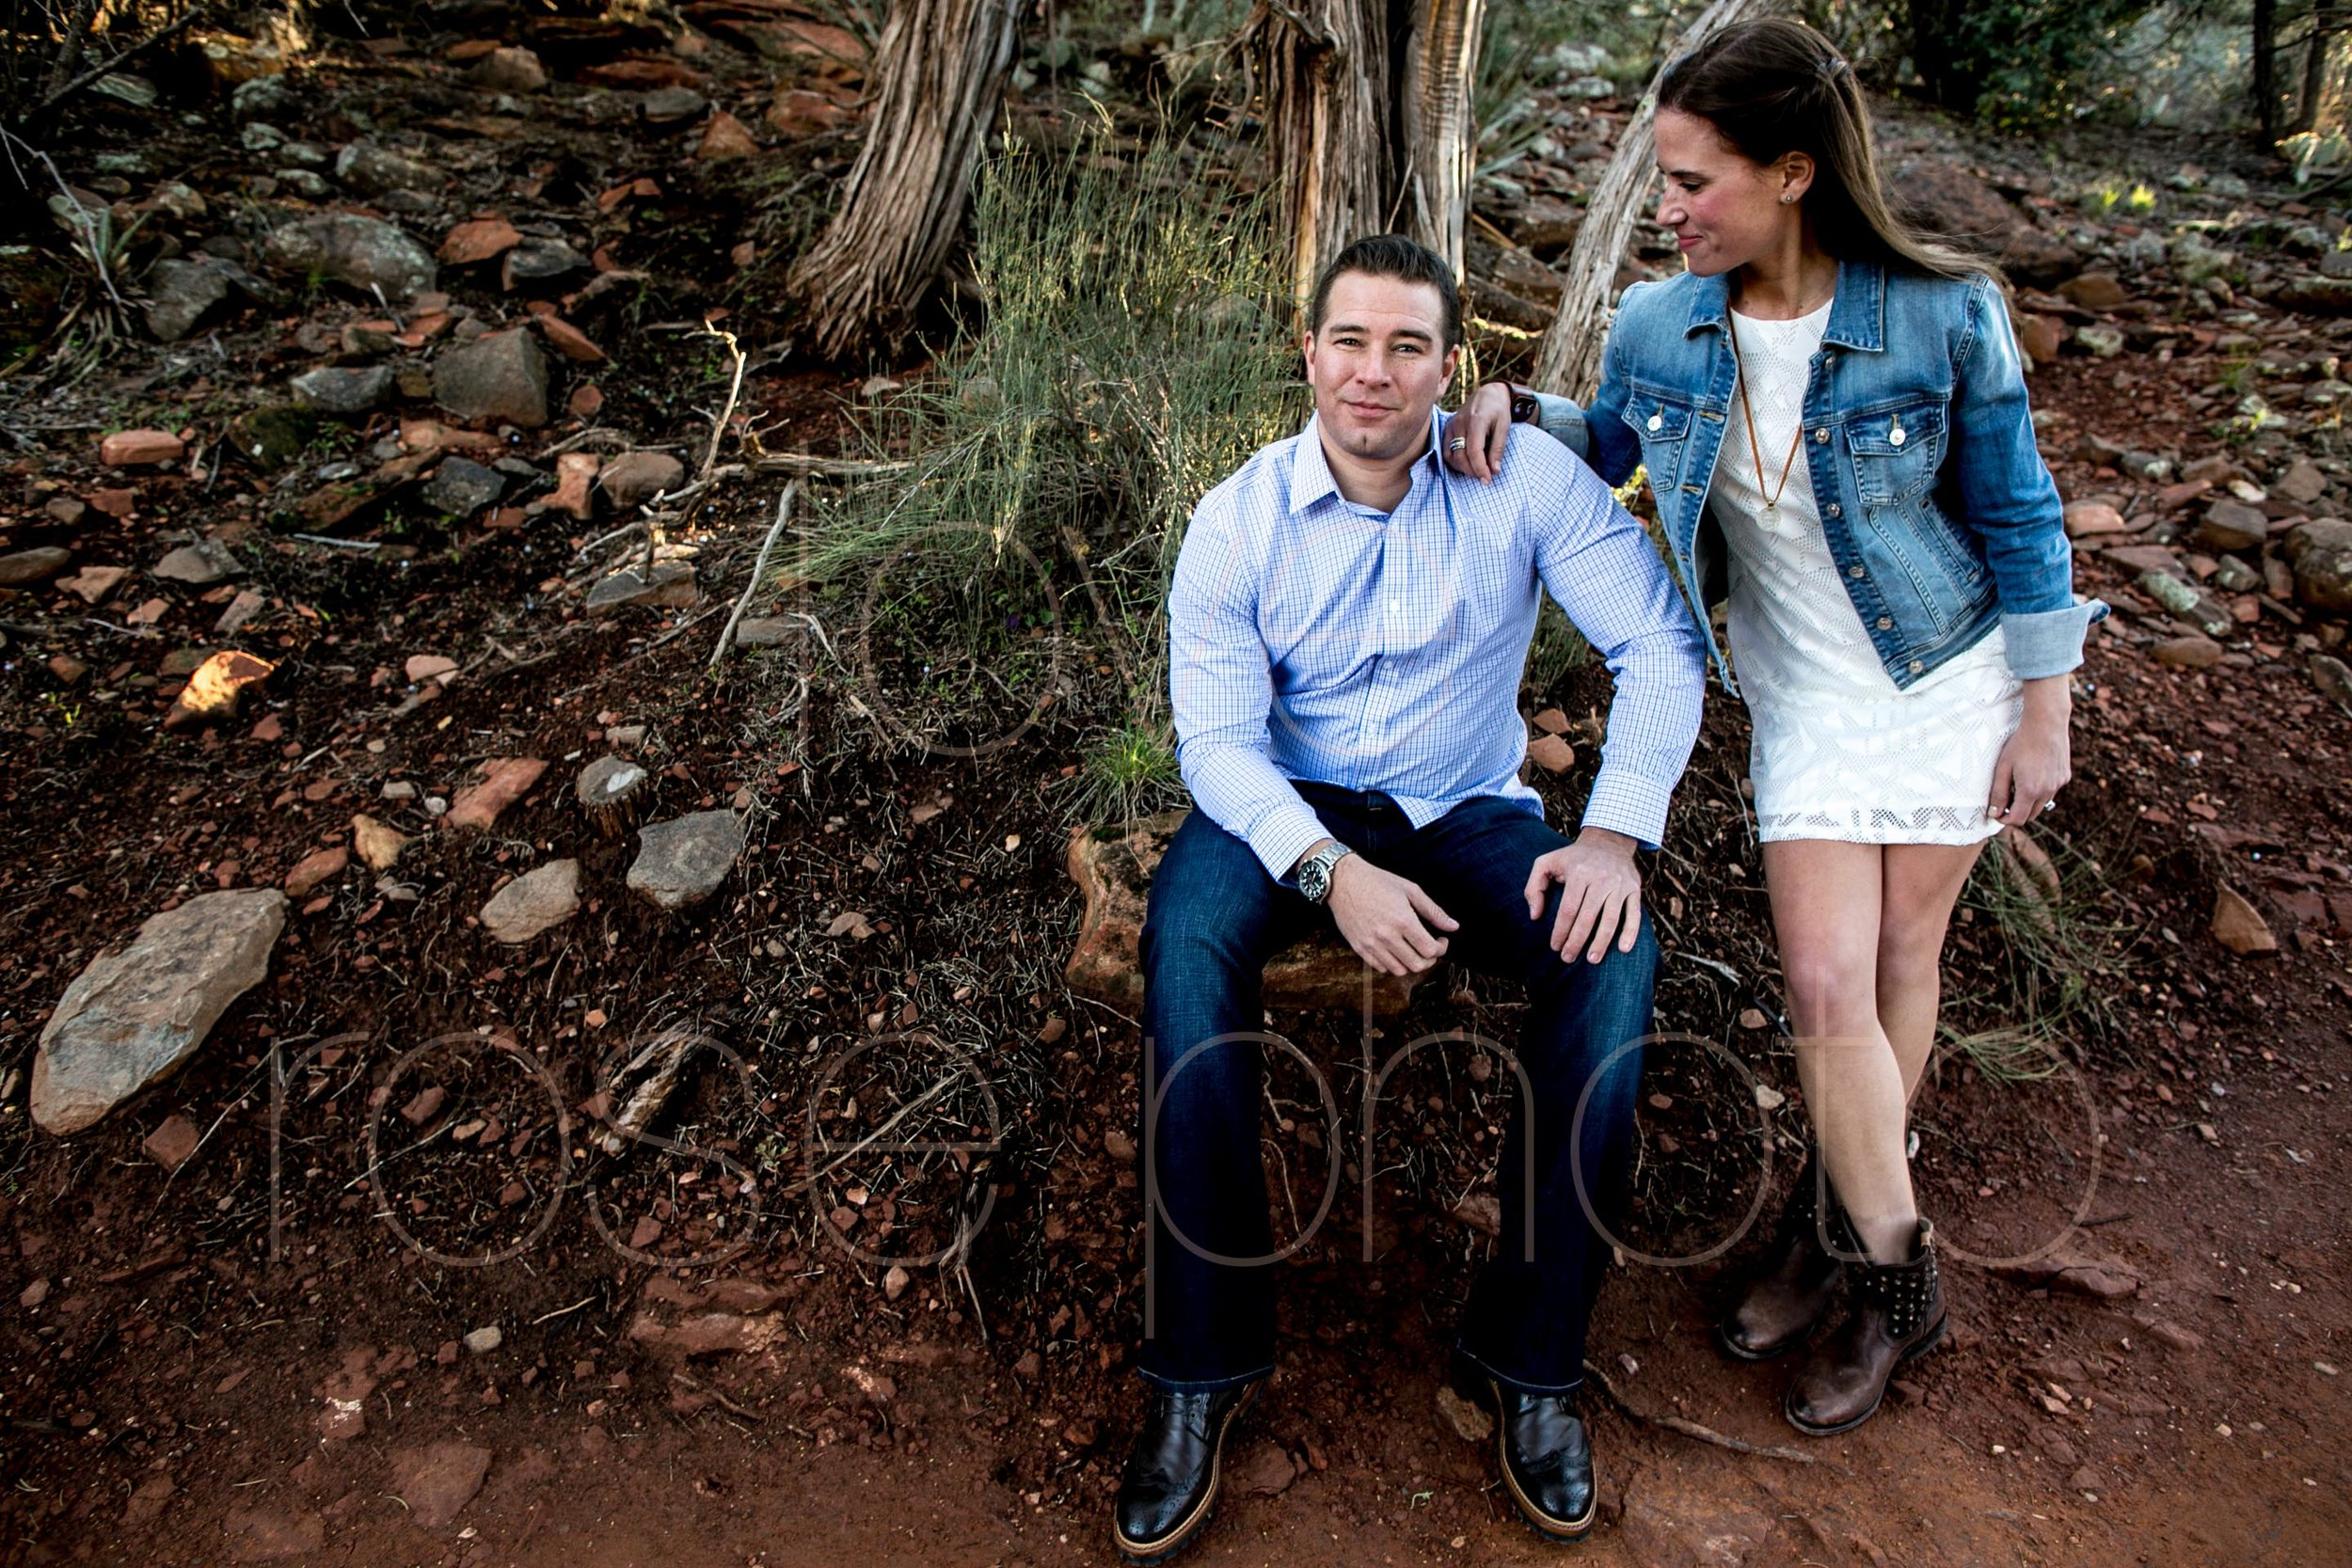 Scottsdale Sedona lifestyle best of destination wedding photographers-14.jpg